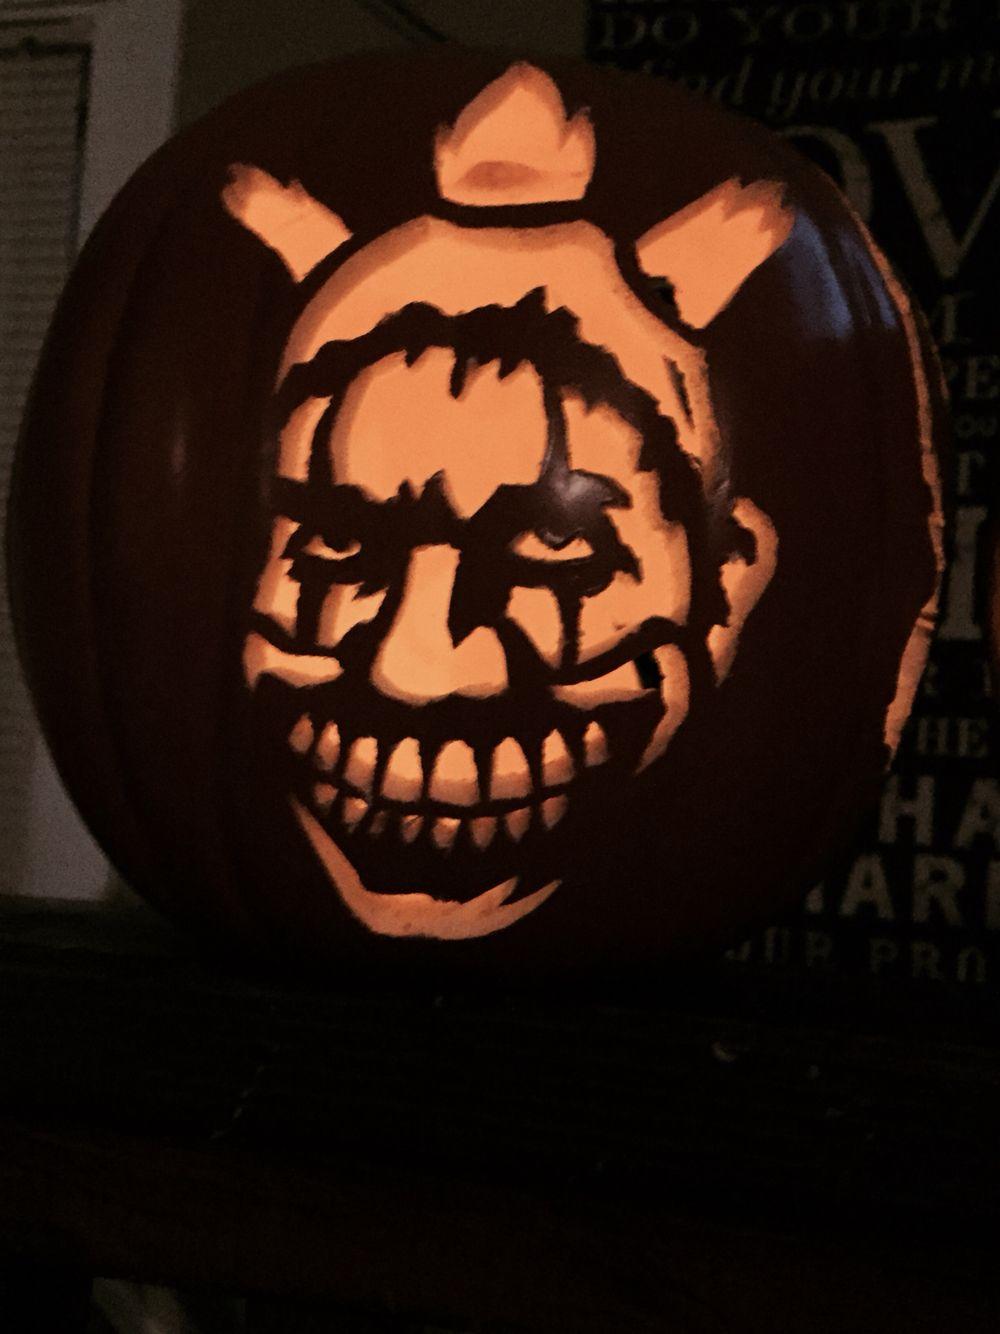 Twisty The Clown Pumpkin Pumpkin Carving Easy Pumpkin Carving